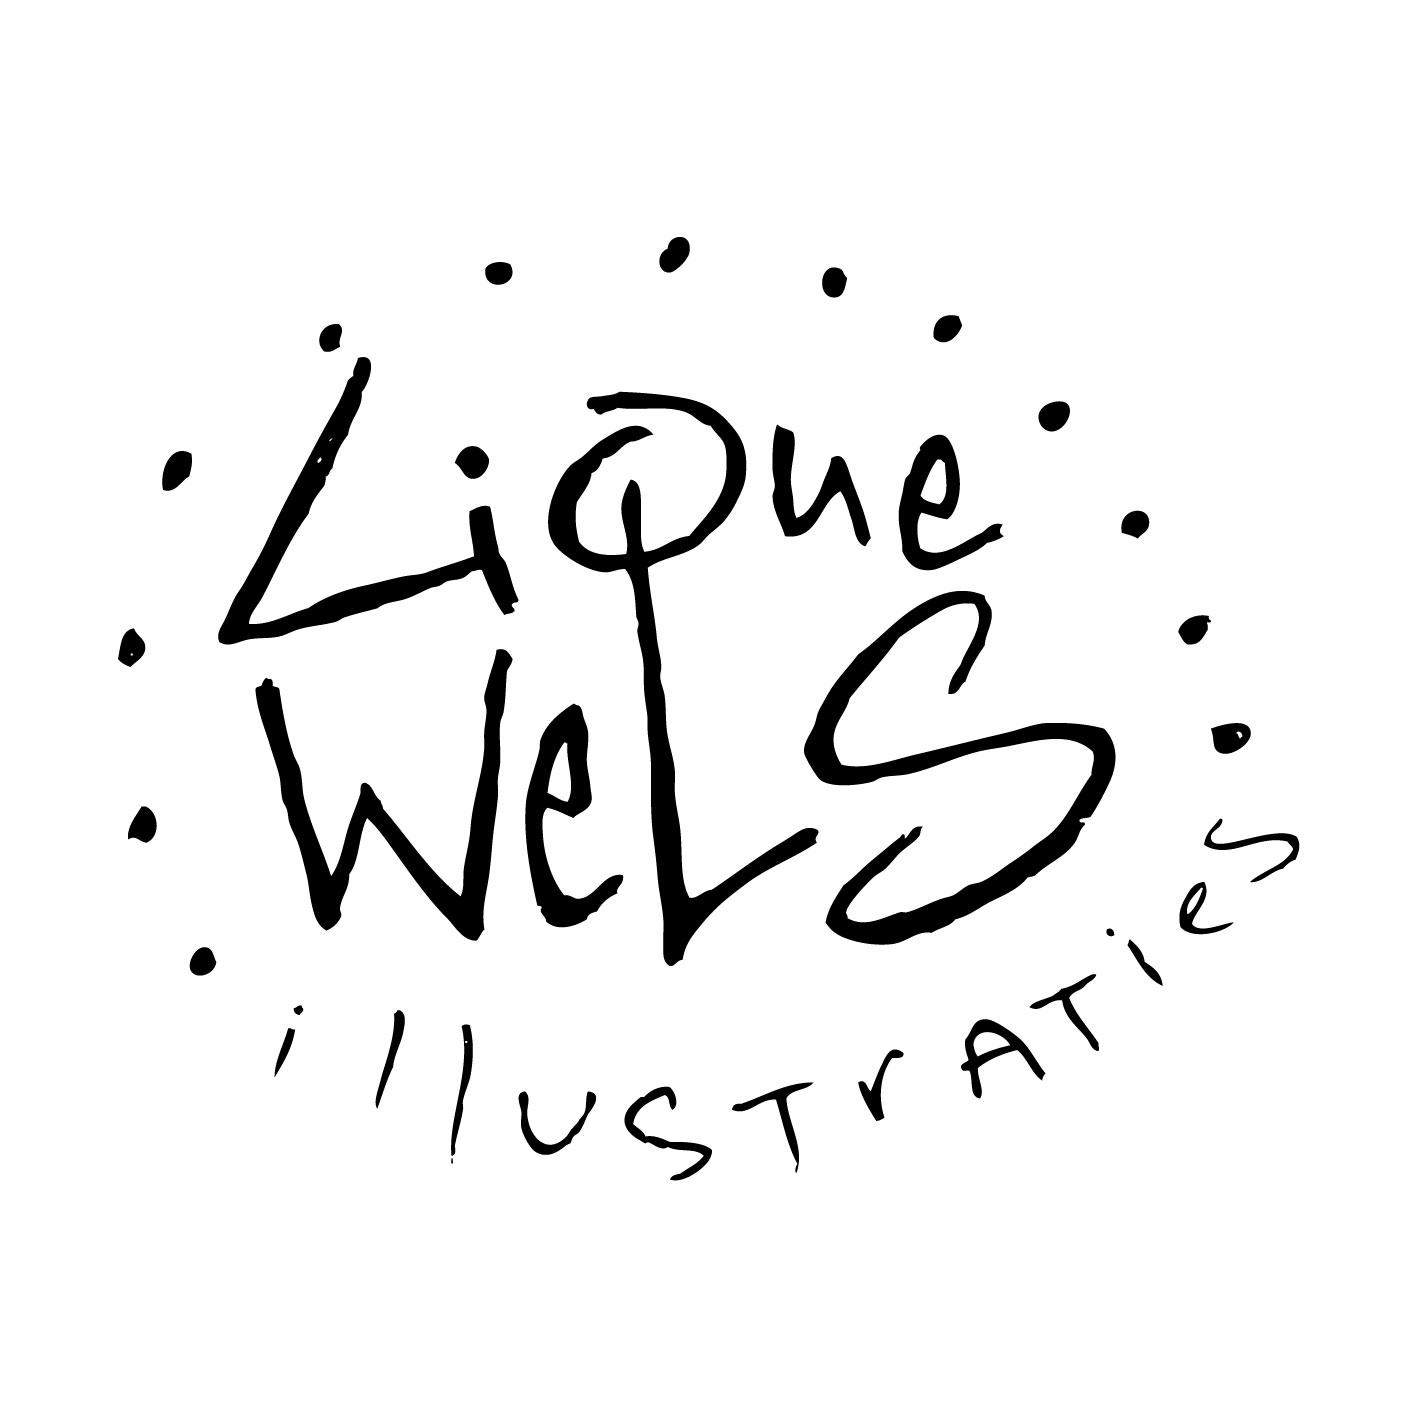 Lique Wels